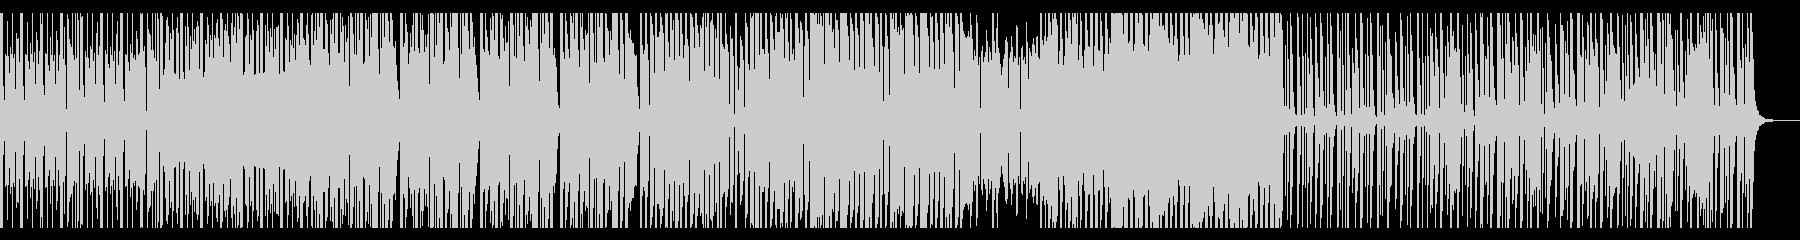 ボイスリードを使った幻想的なエレクトロの未再生の波形